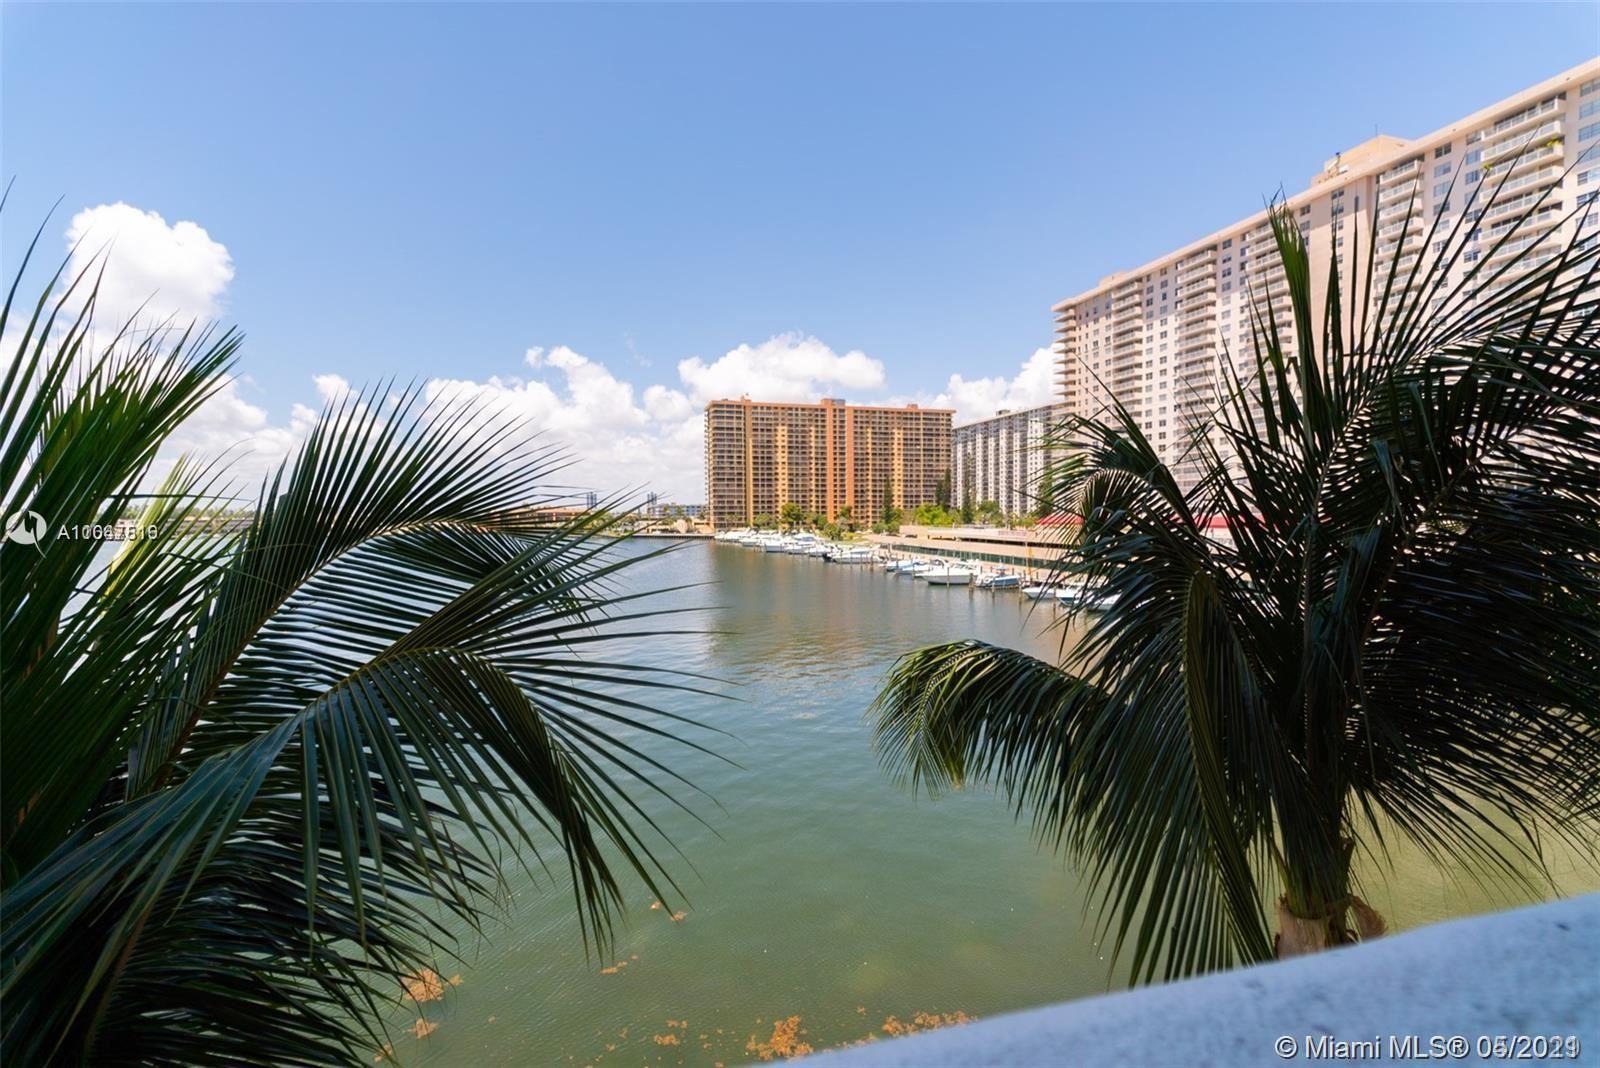 17150 N Bay Rd #2407, Sunny Isles, FL 33160 - #: A11047516